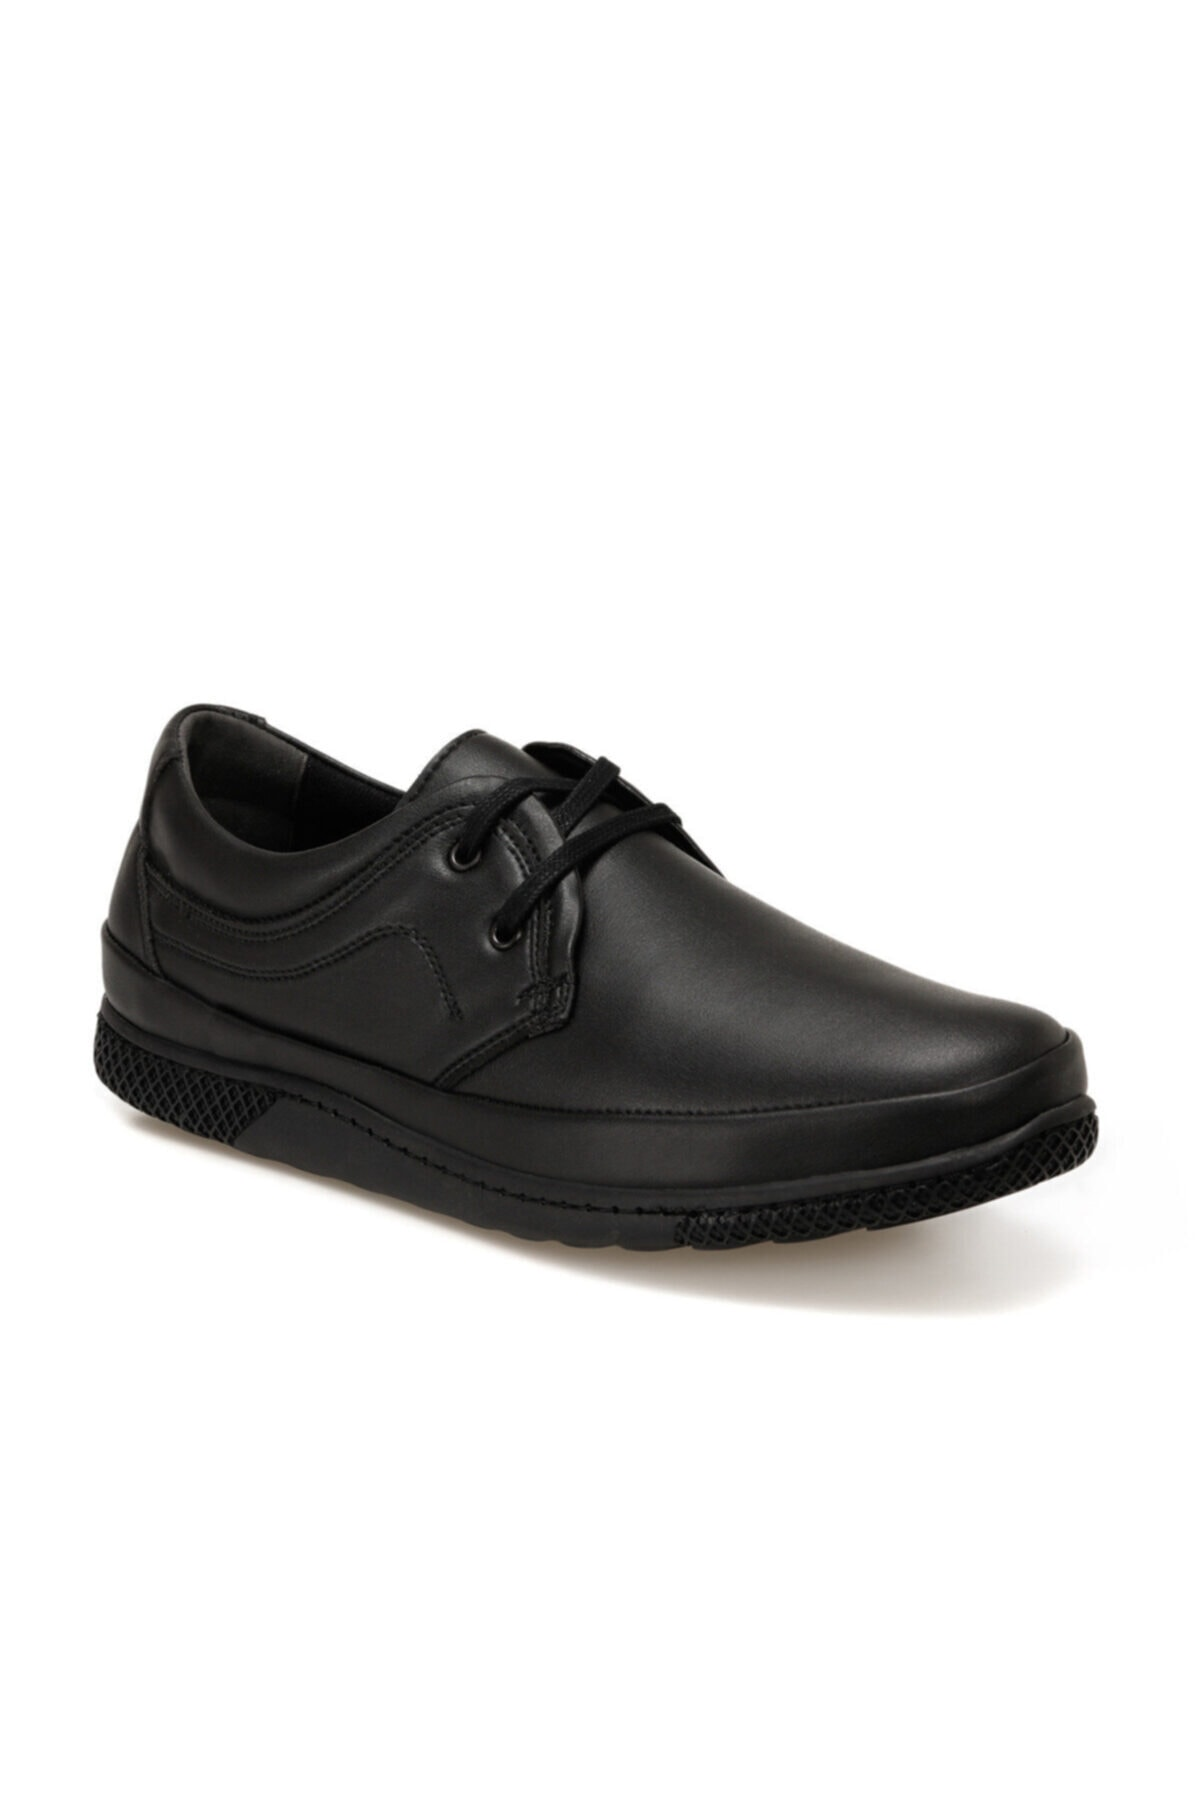 Polaris 160280.M Siyah Erkek Ayakkabı 100546913 1